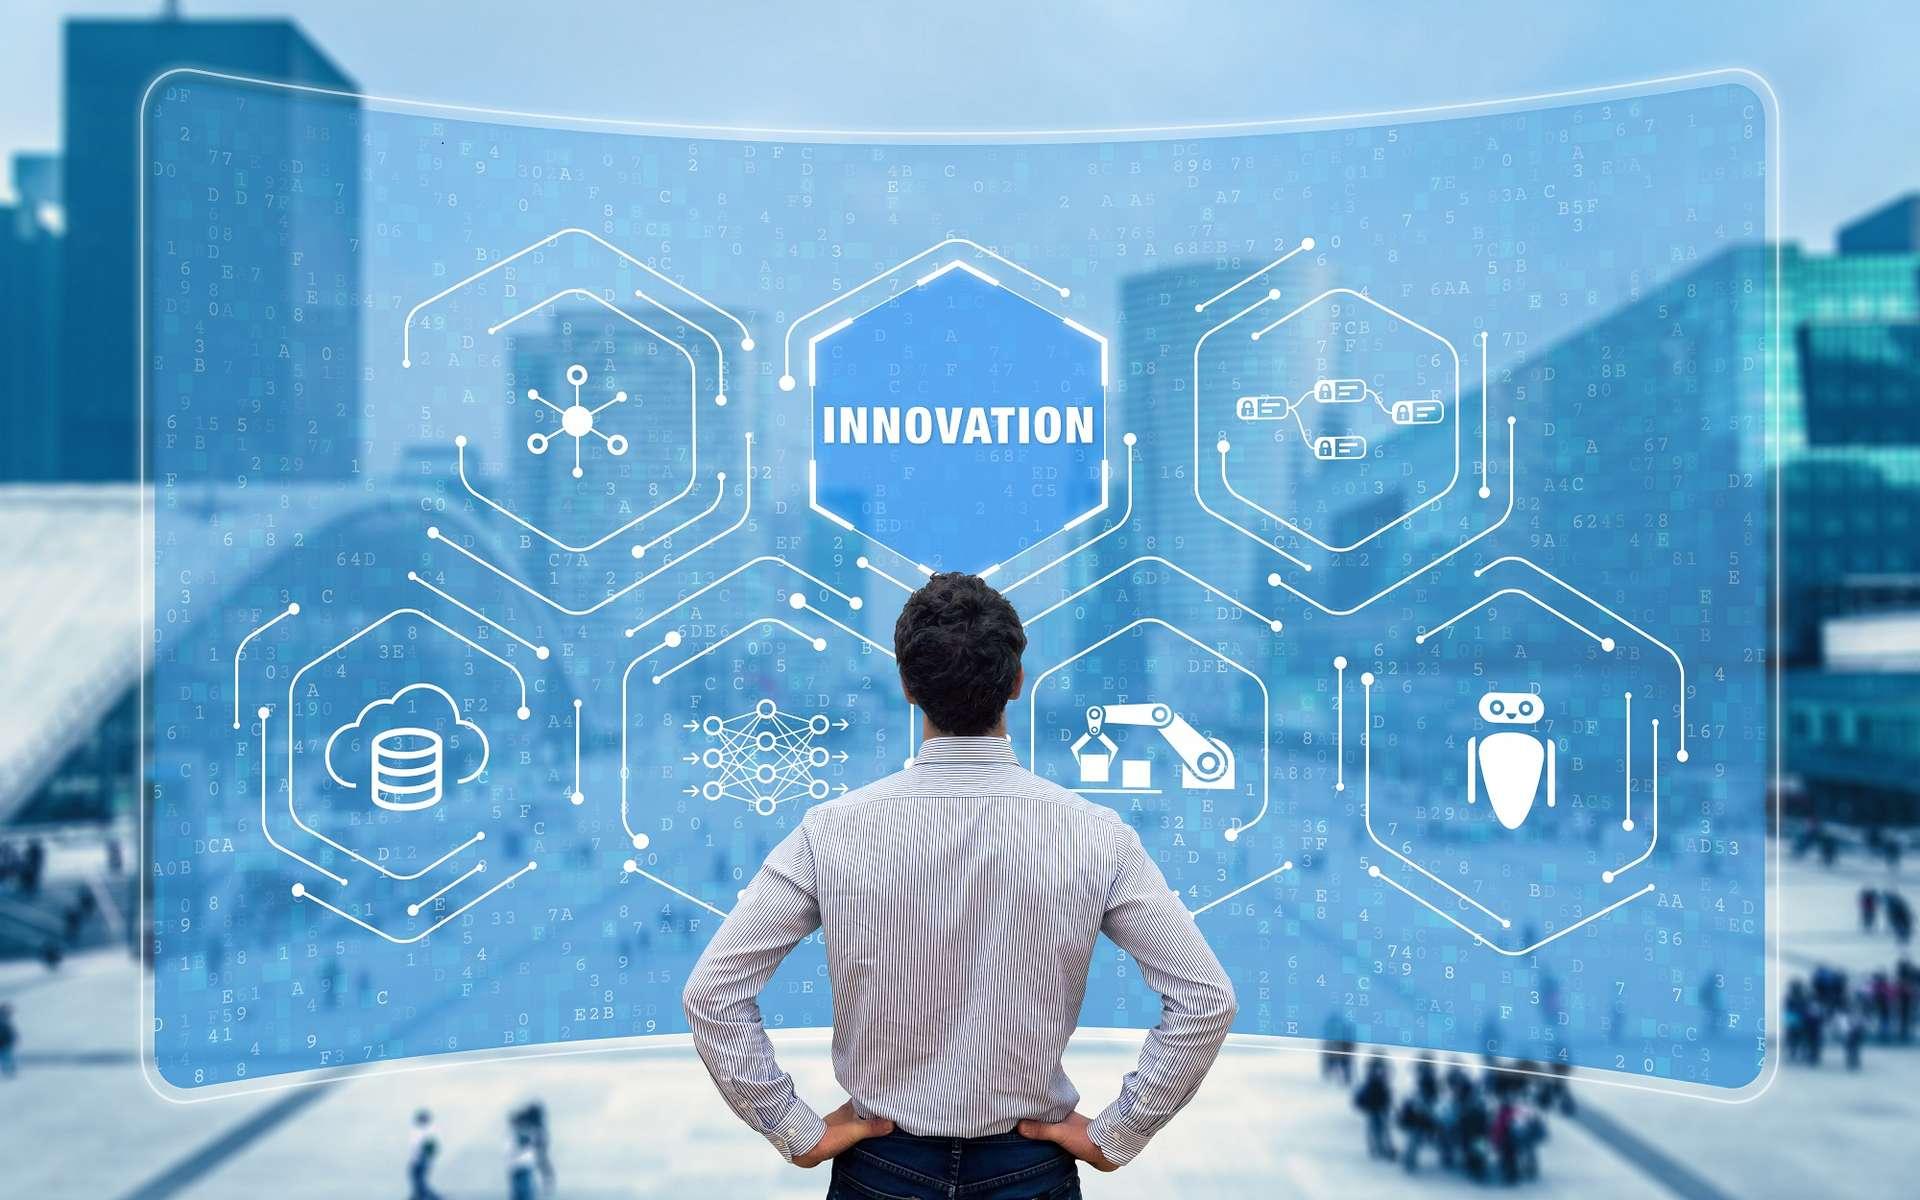 L'ingénieur R&D cherche à développer des produits innovants grâce notamment à l'utilisation de technologies émergentes. © NicoElNino, Adobe Stock.